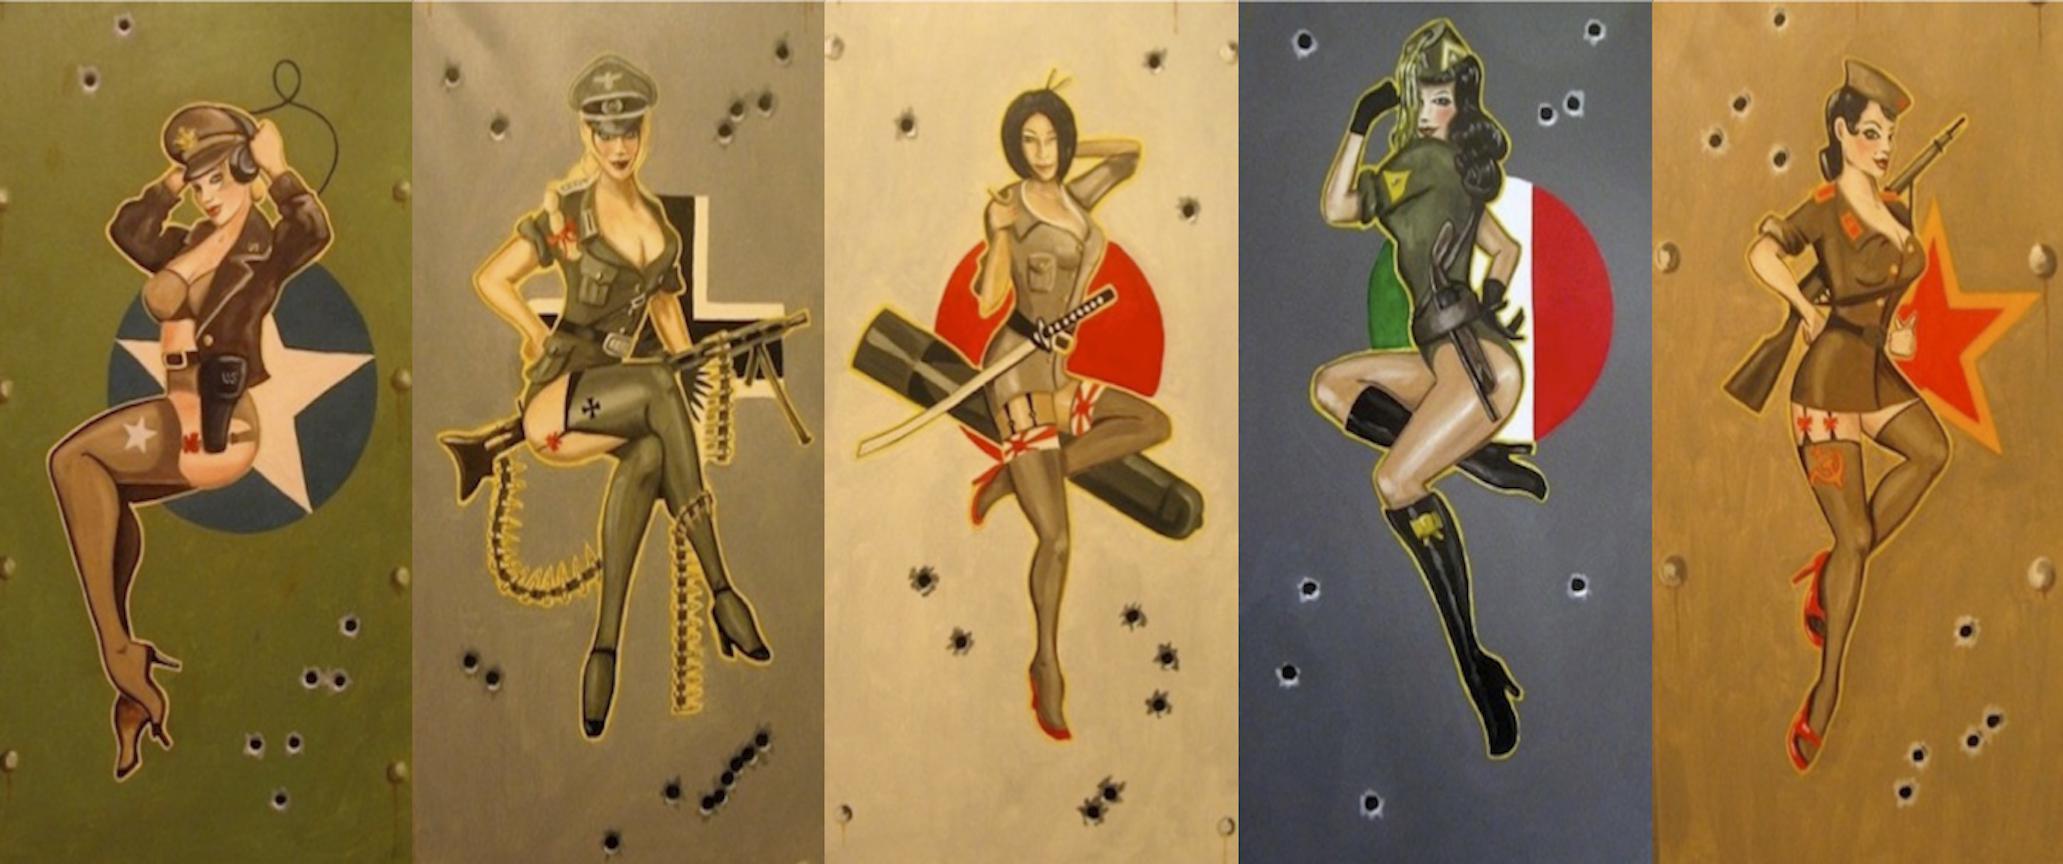 Classic Pin Up Wallpaper - WallpaperSafari